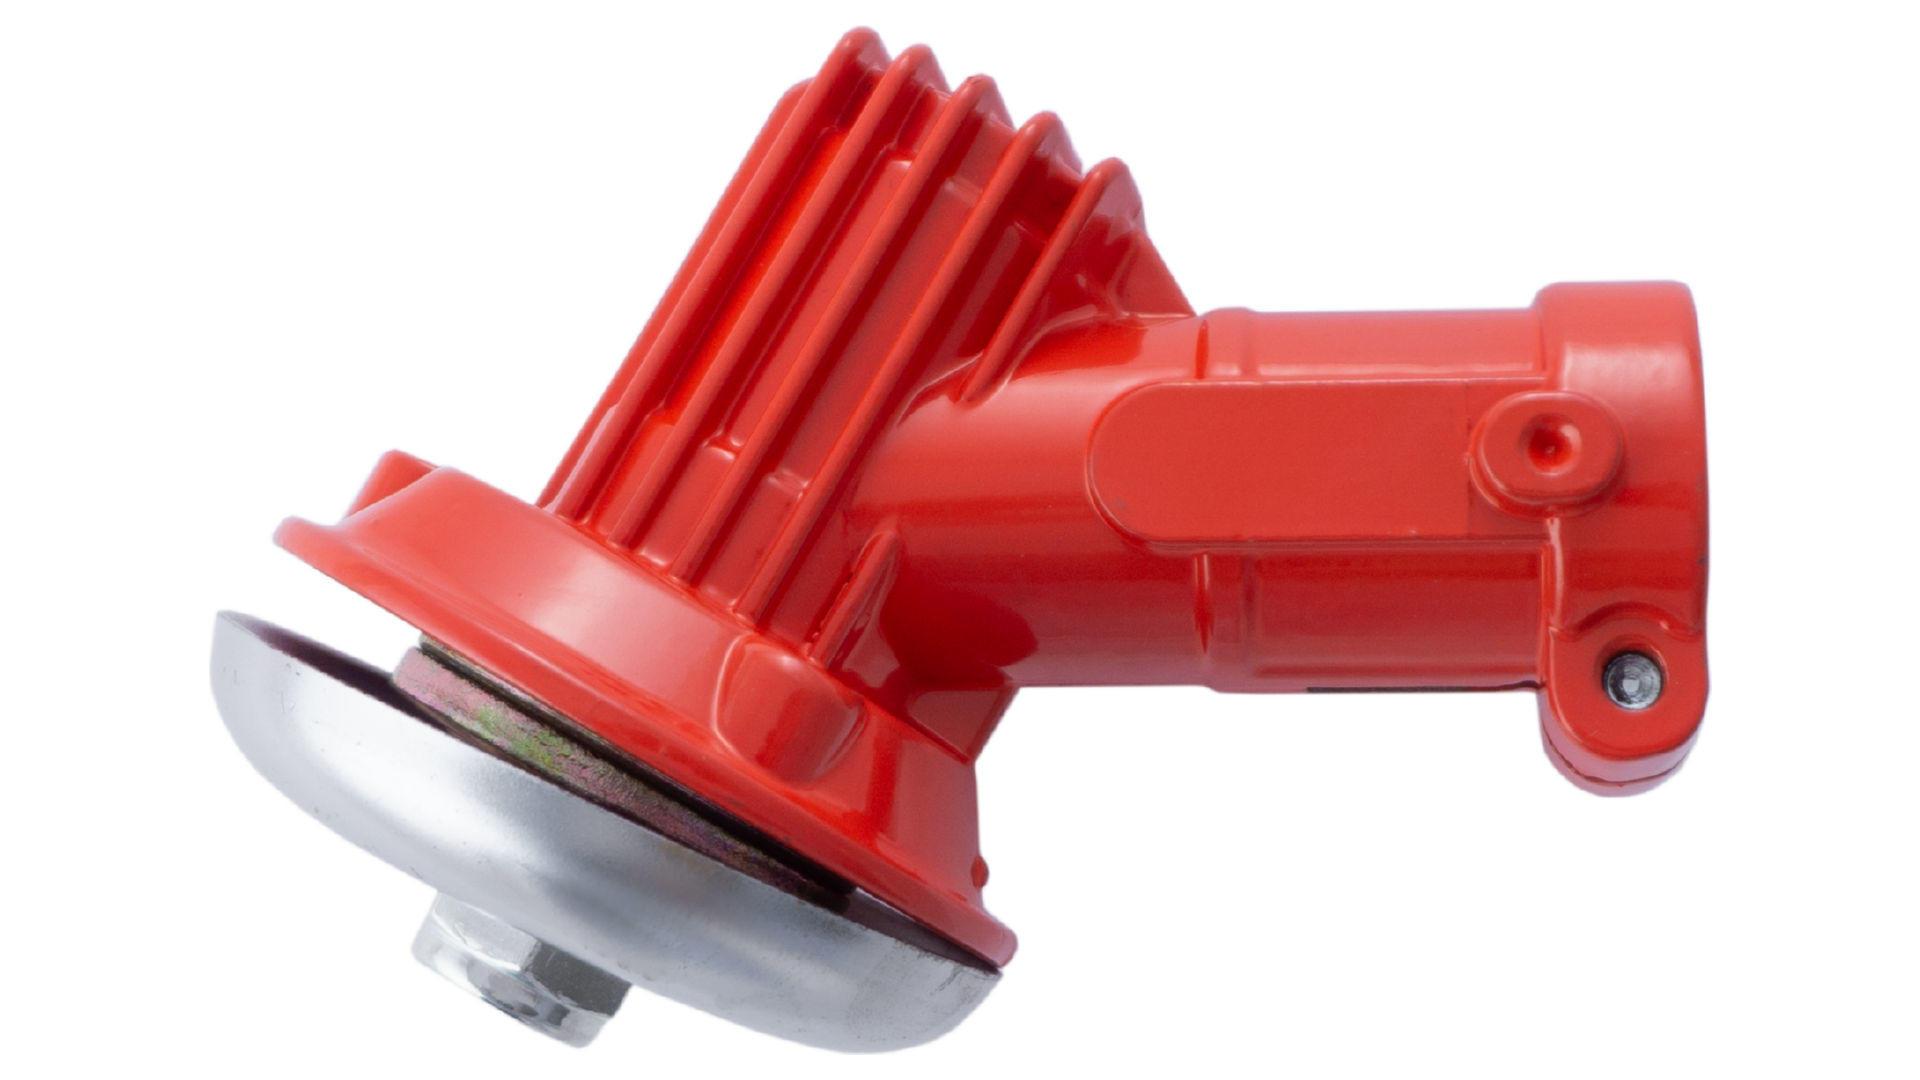 Редуктор Асеса - нижний 9T x 26 мм Pro 7